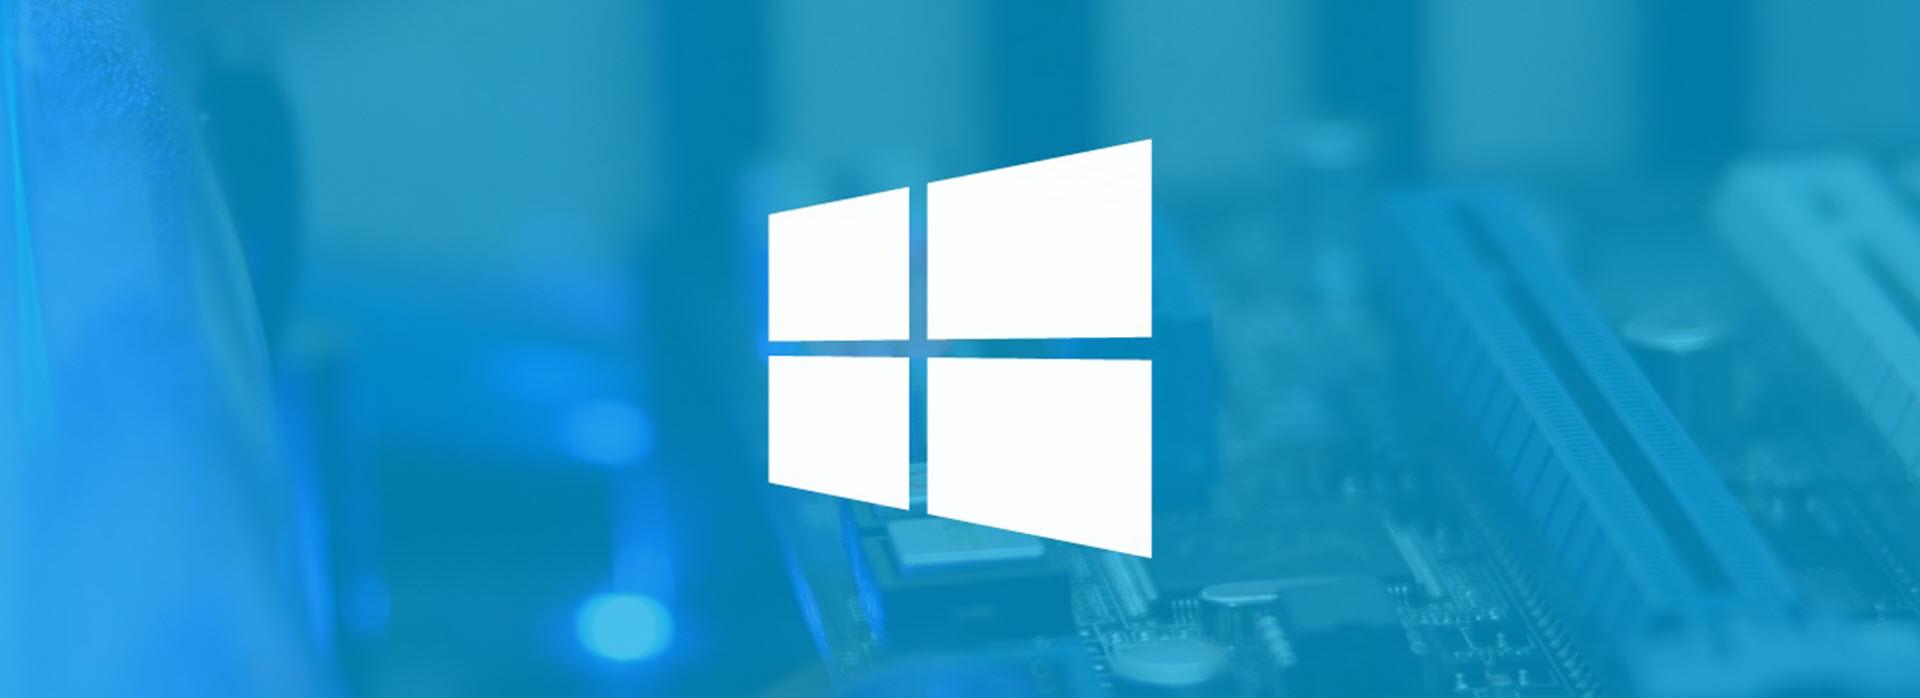 Sandbox escaper regresa con vulnerabilidad Zero Day en Windows